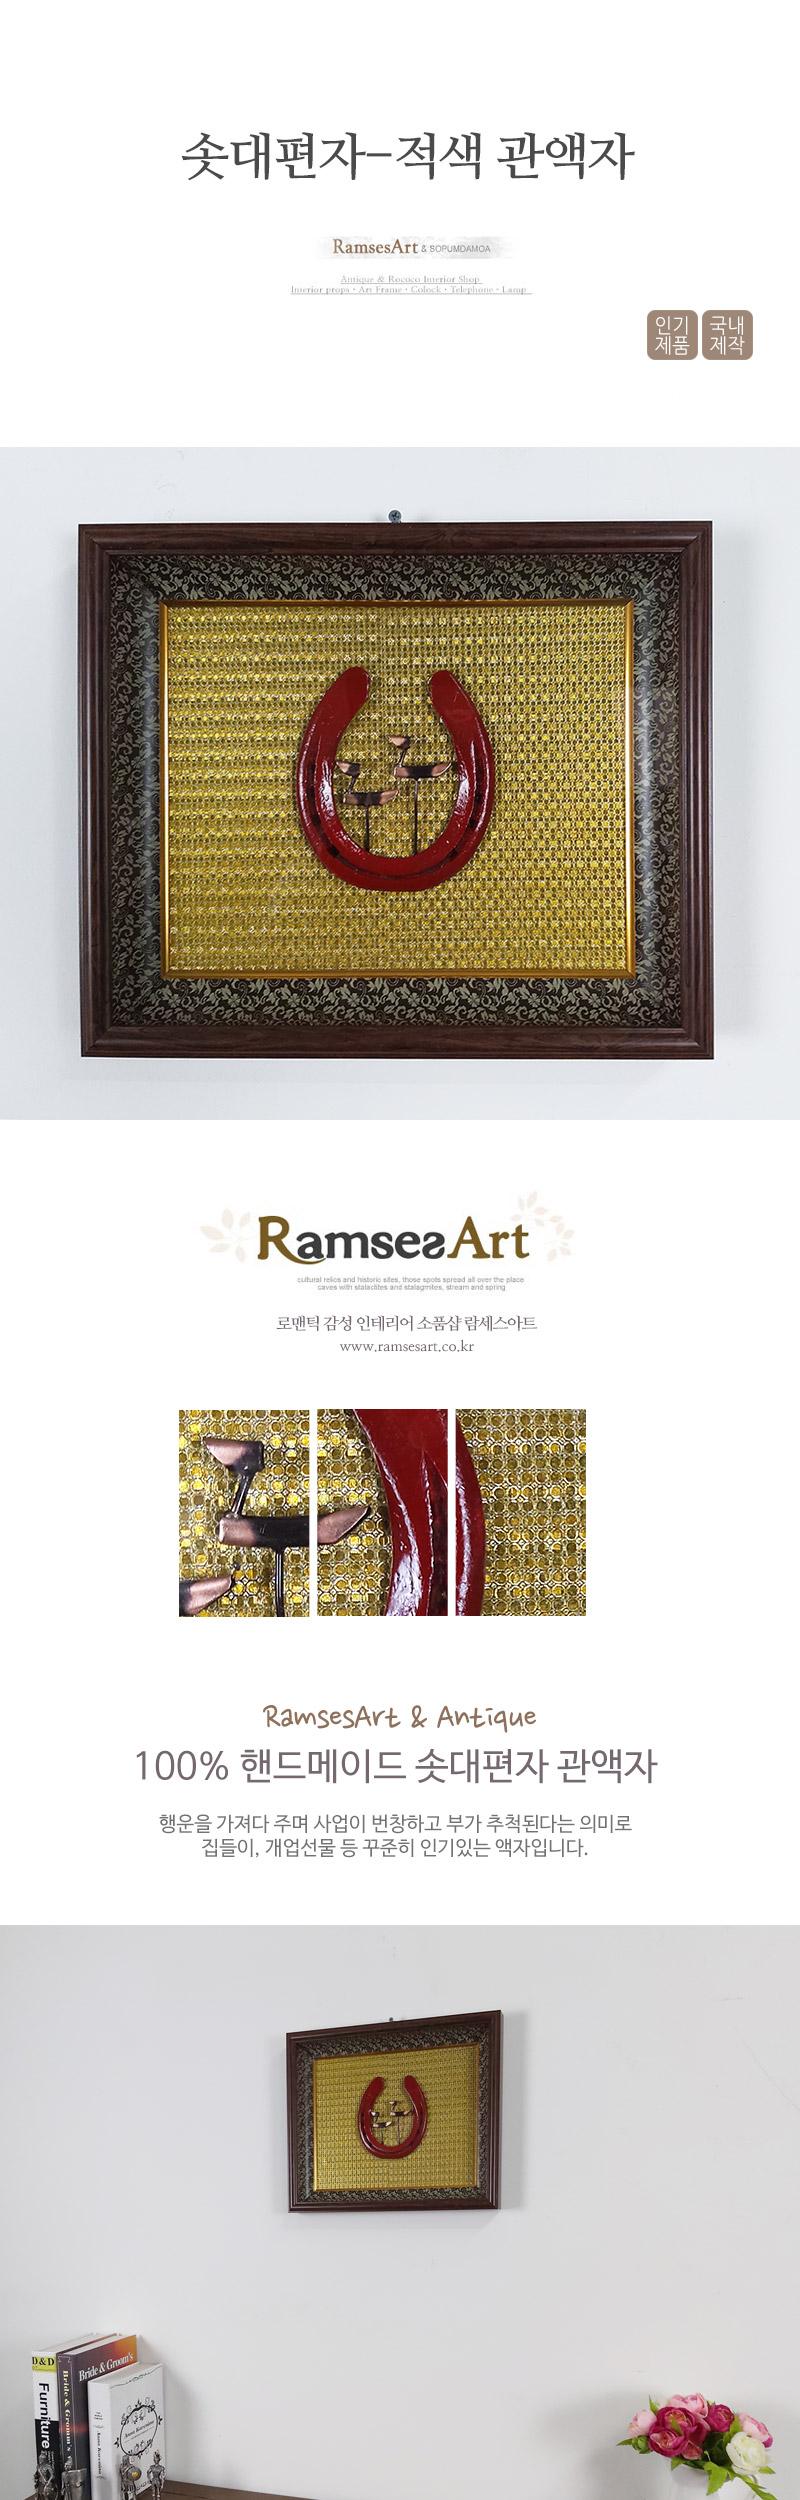 돈들어오는 말발굽편자 솟대 레드 인테리어 앤틱 액자 - 람세스아트, 98,000원, 액자, 벽걸이액자